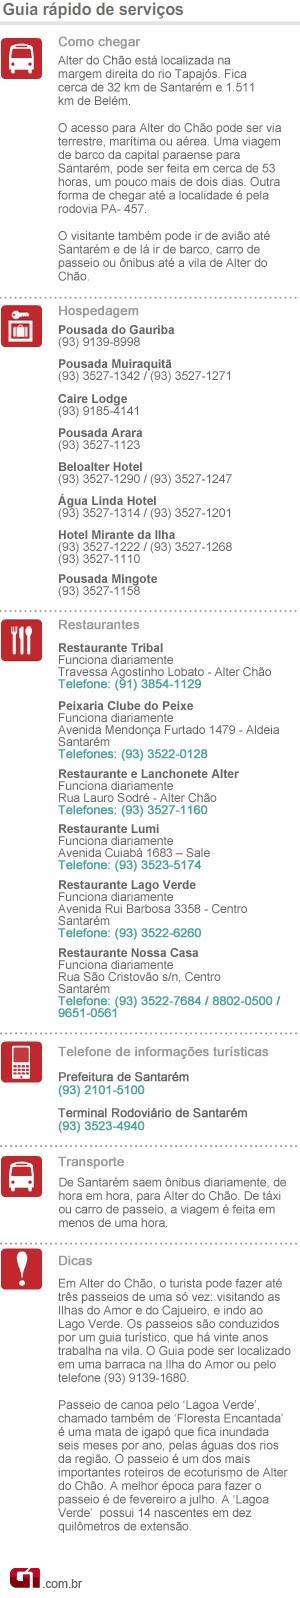 Guia de serviços (Foto: Nathiel Moraes/G1)